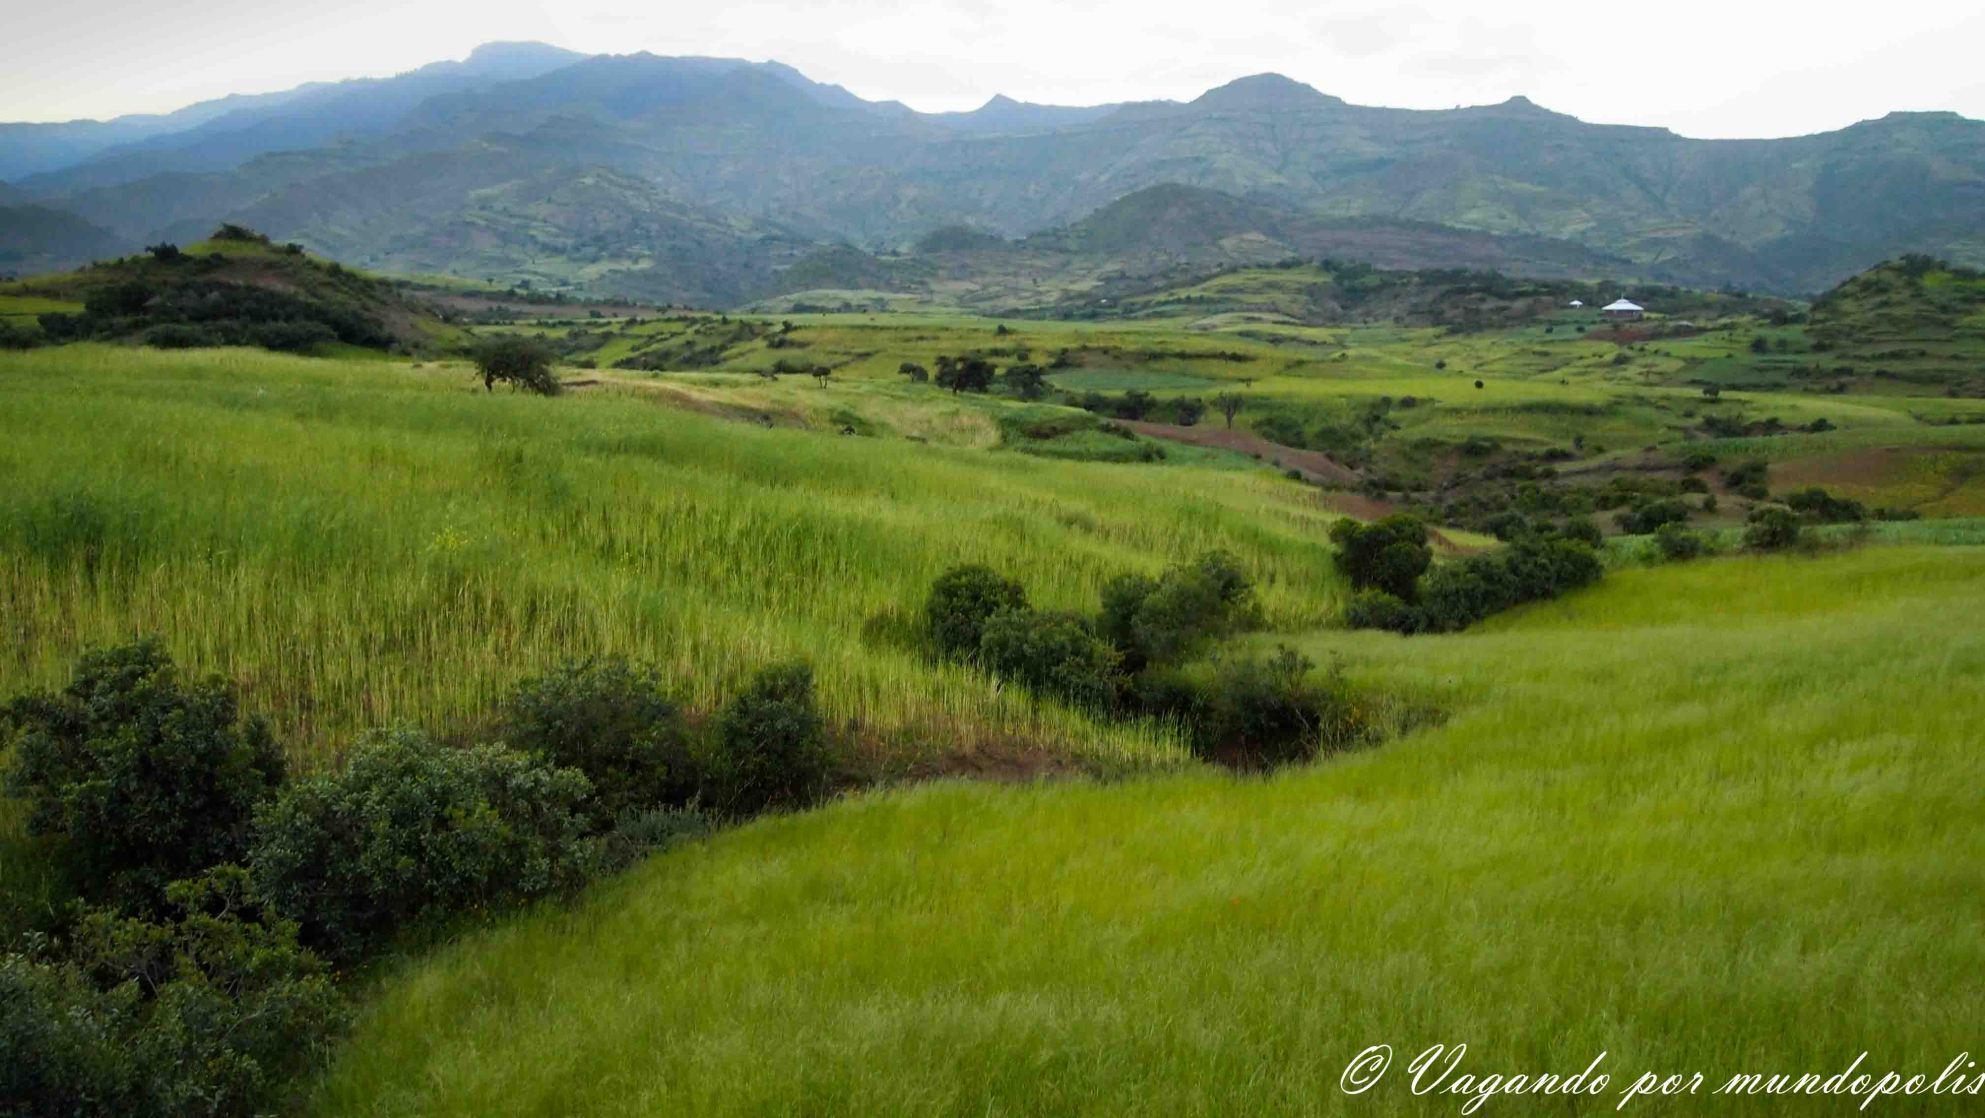 Tierras-Altas-Eiopia